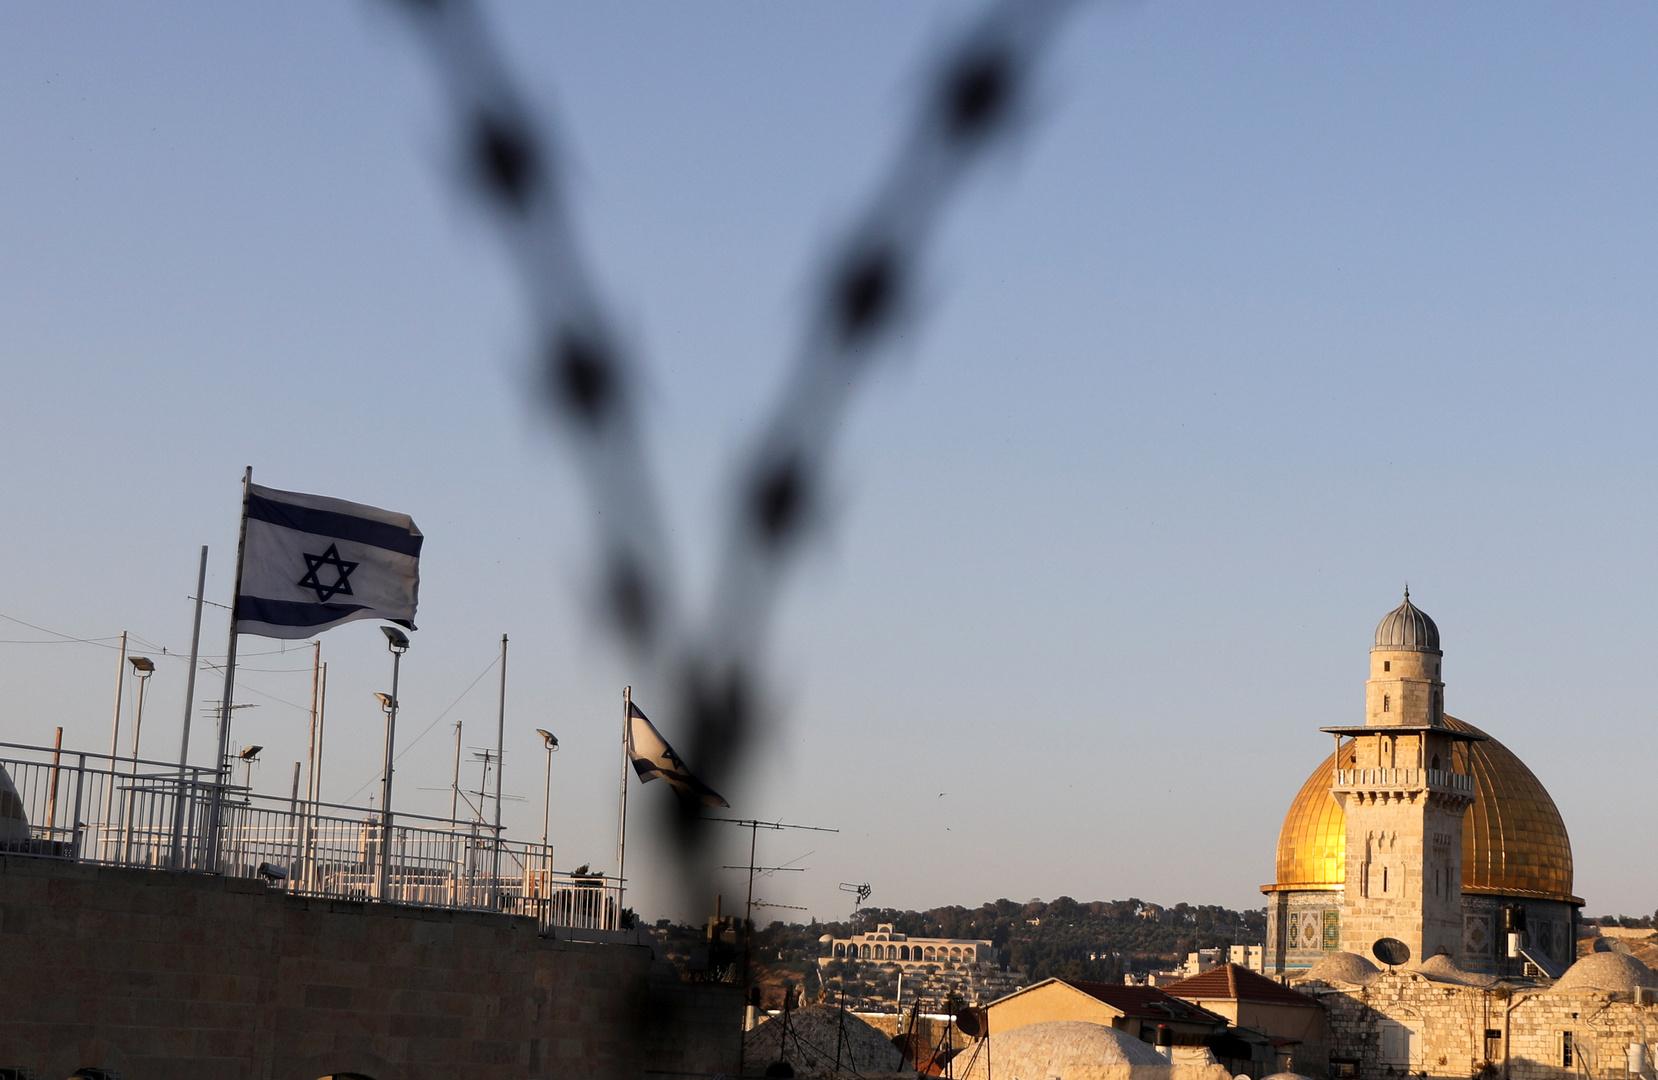 بالصور.. إضرام النار وتدنيس مسجد في القدس الشرقية